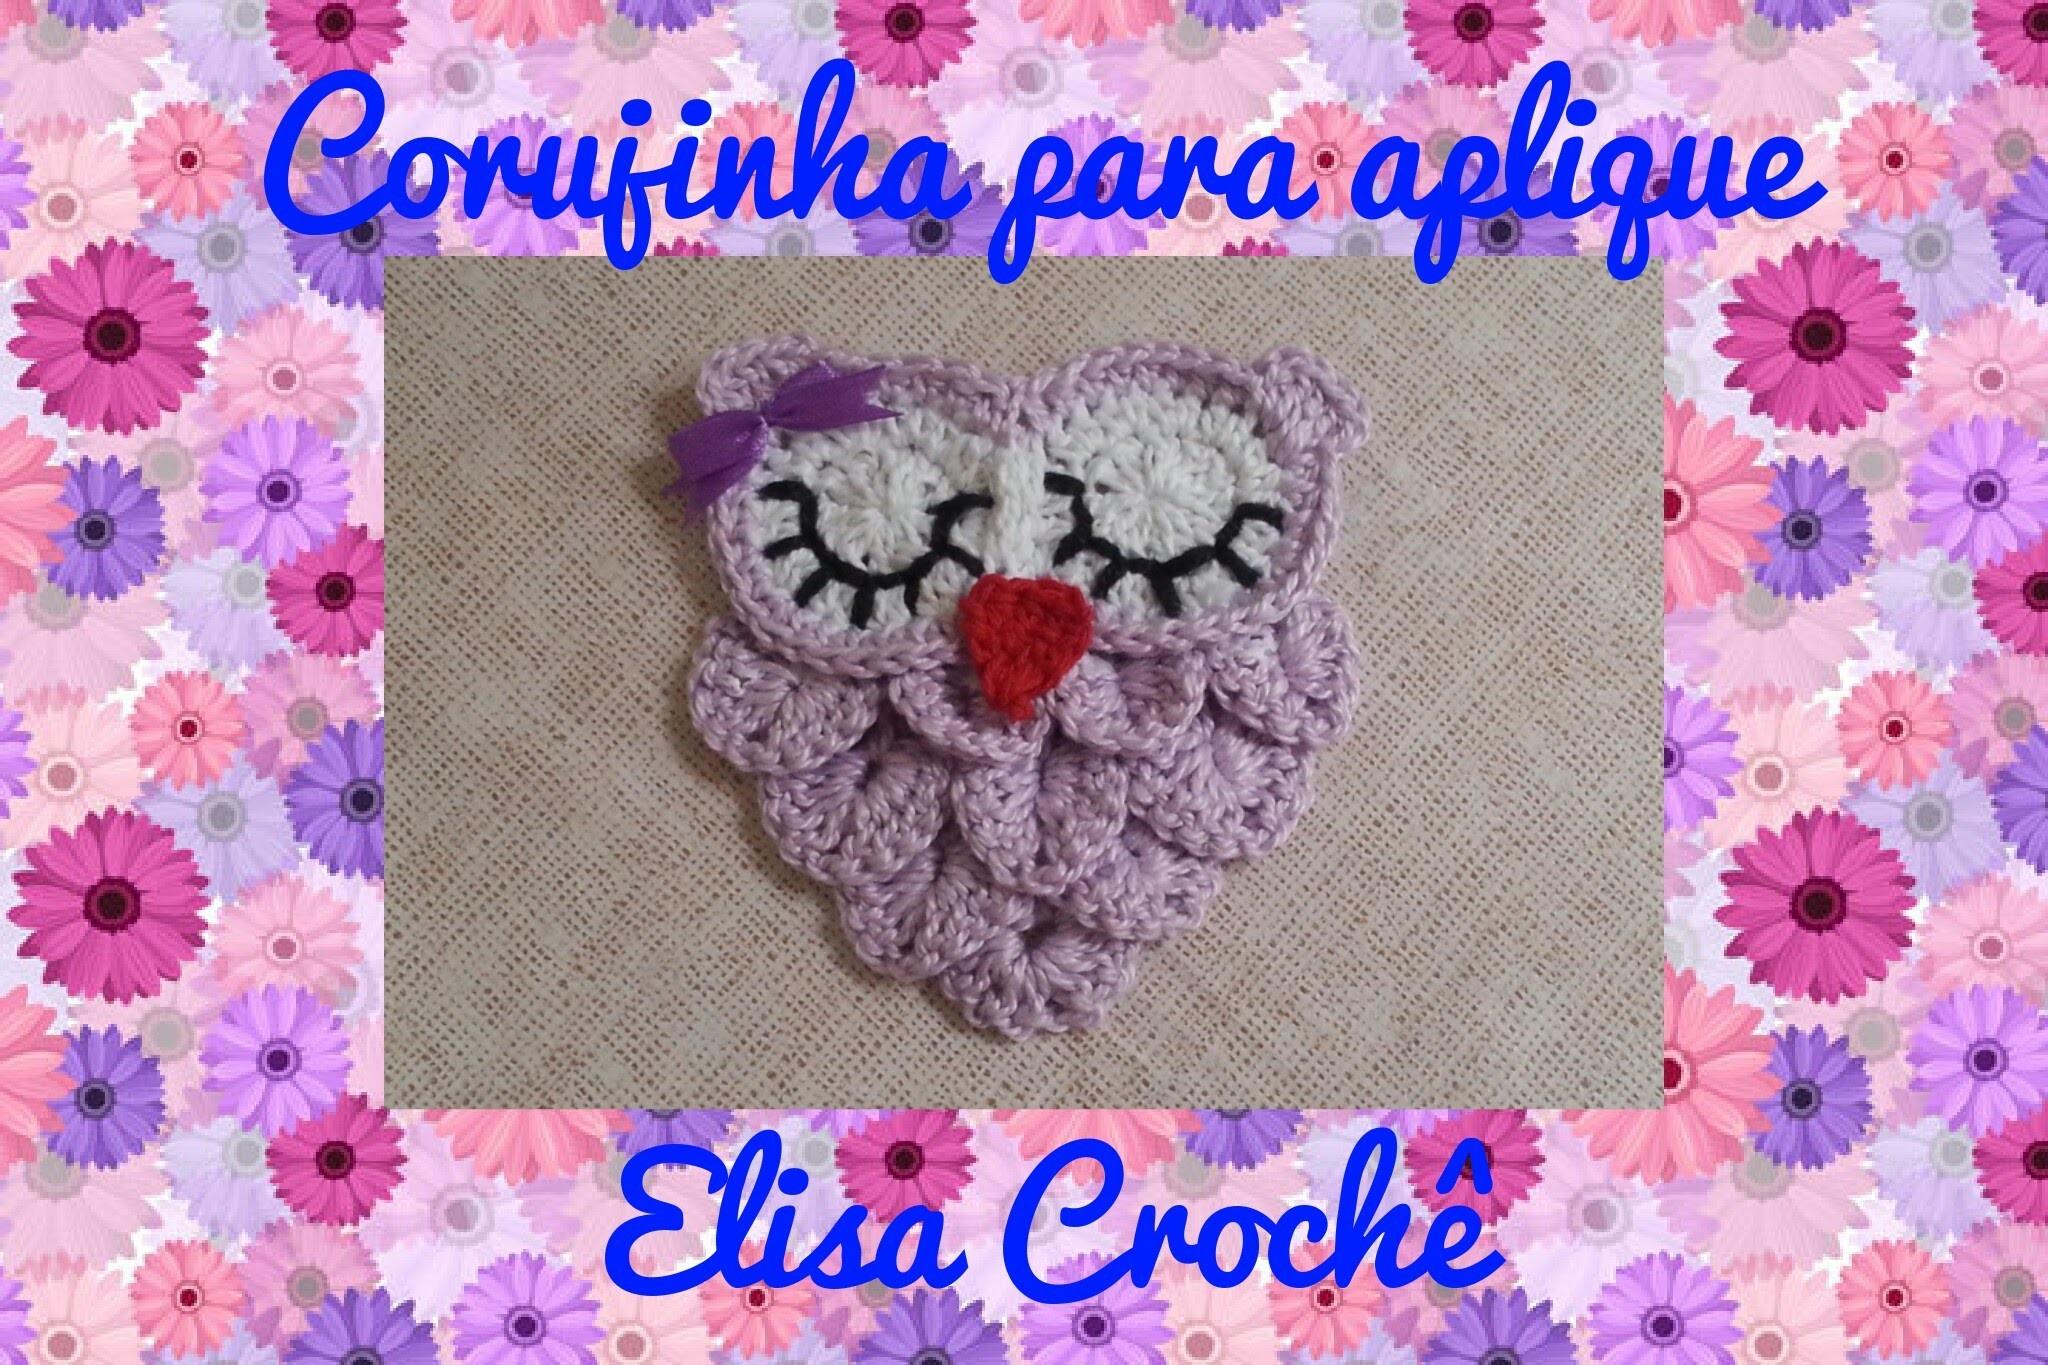 Corujinha para aplique em crochê ( 1 parte ) # Elisa Crochê